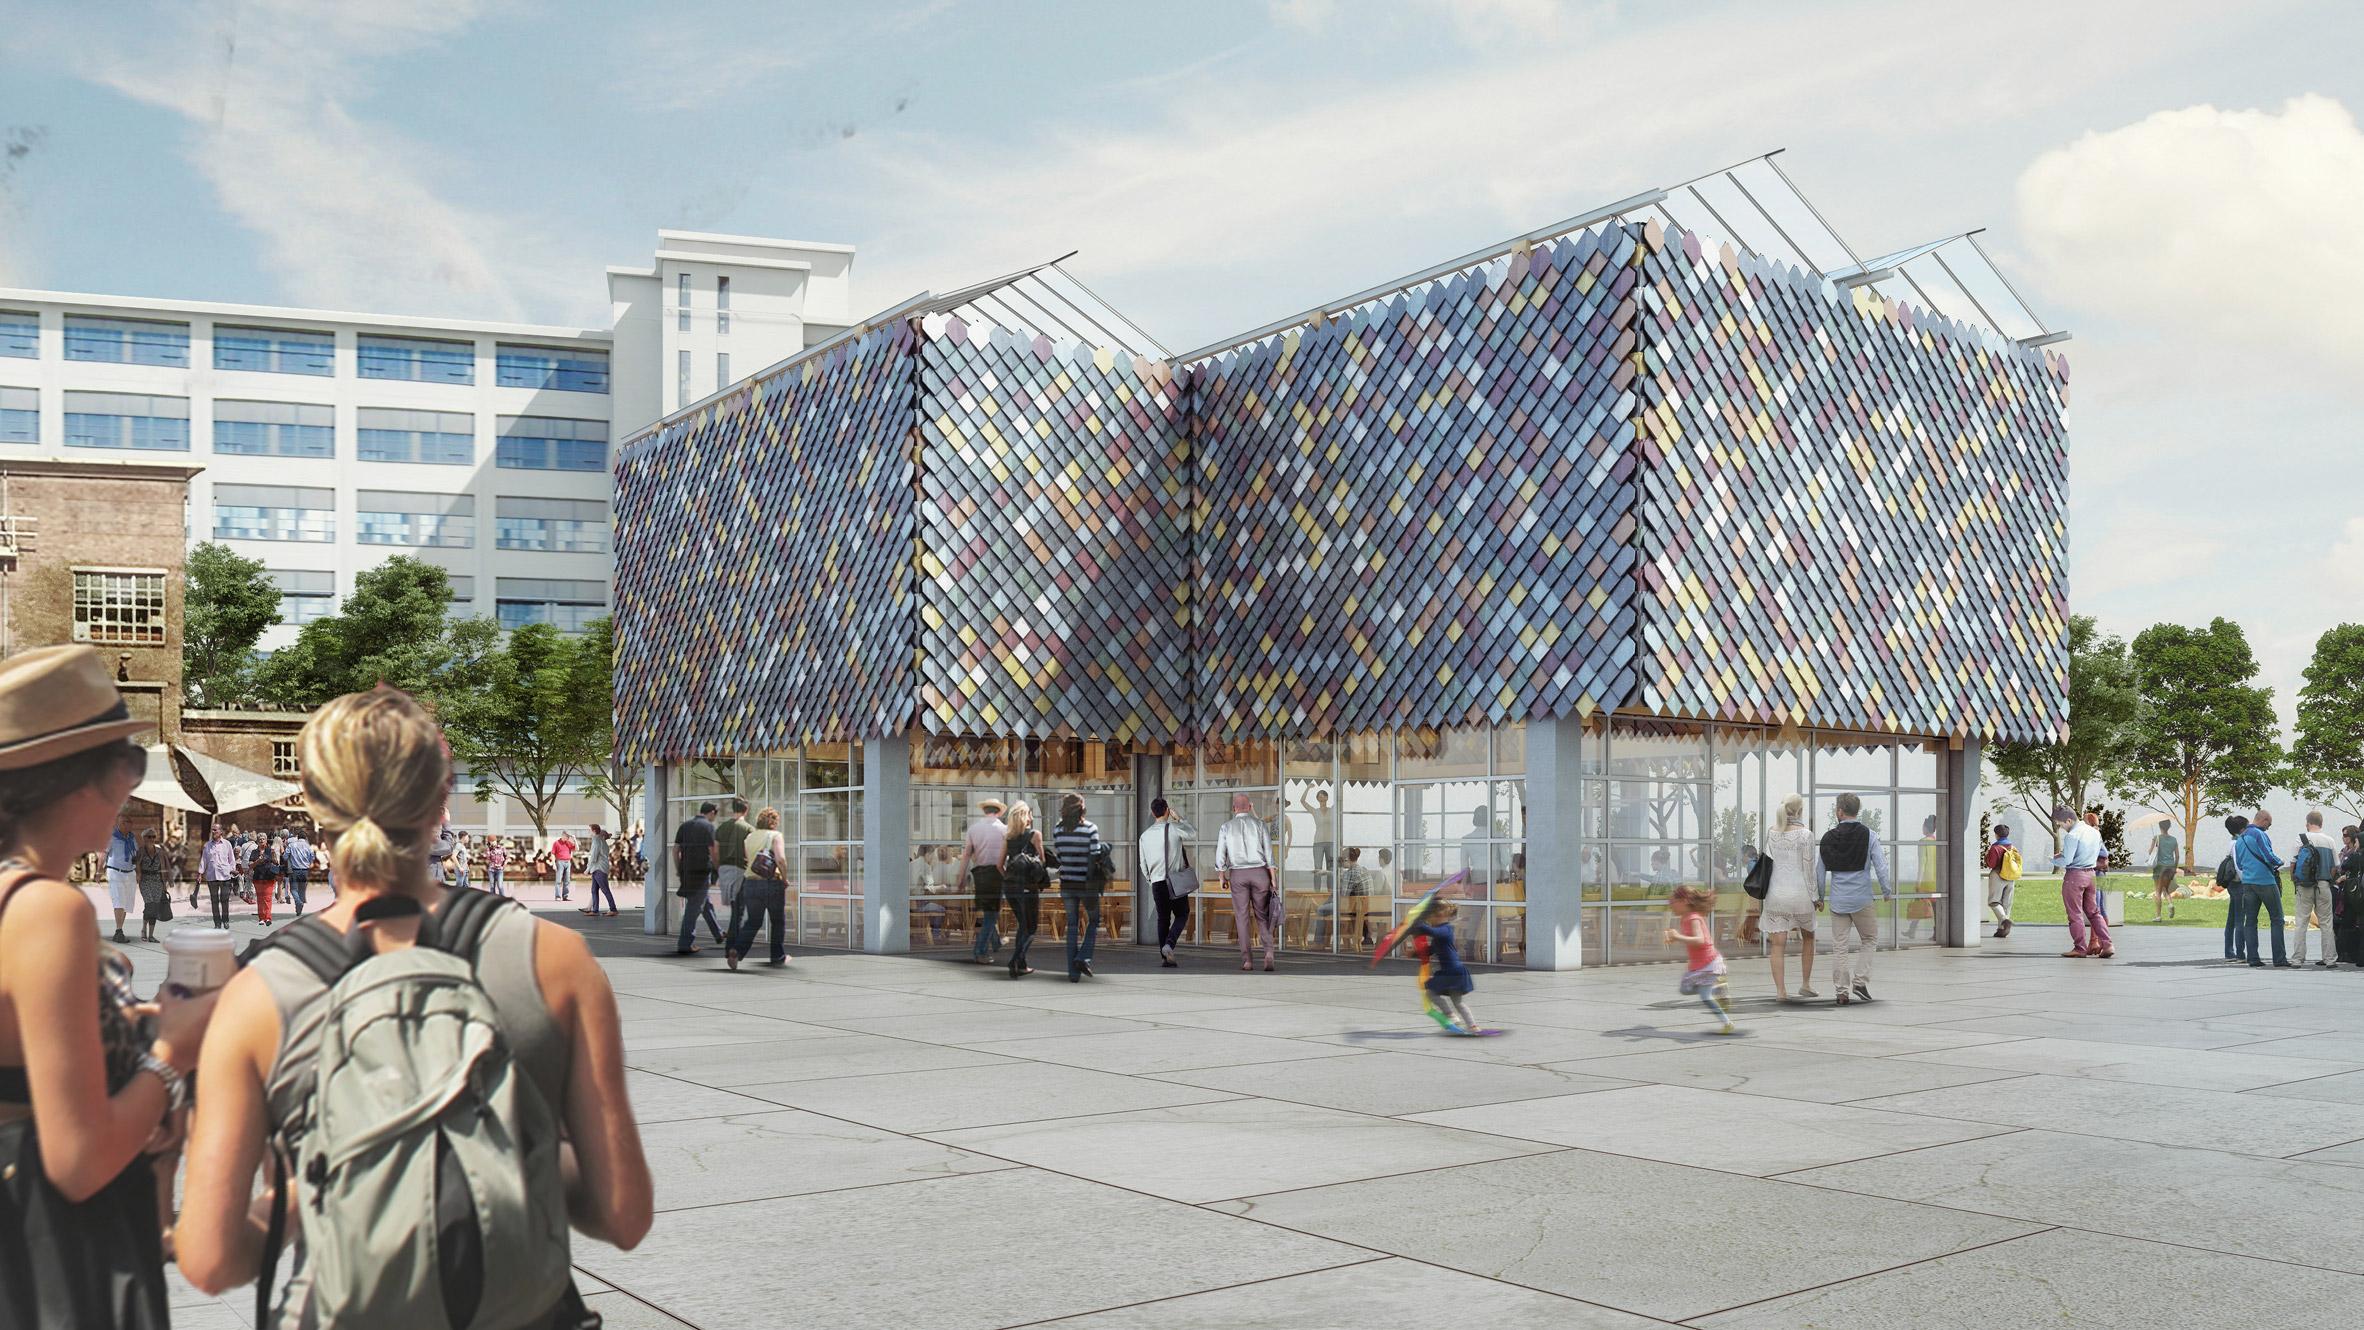 Bureau sla architecture and design dezeen